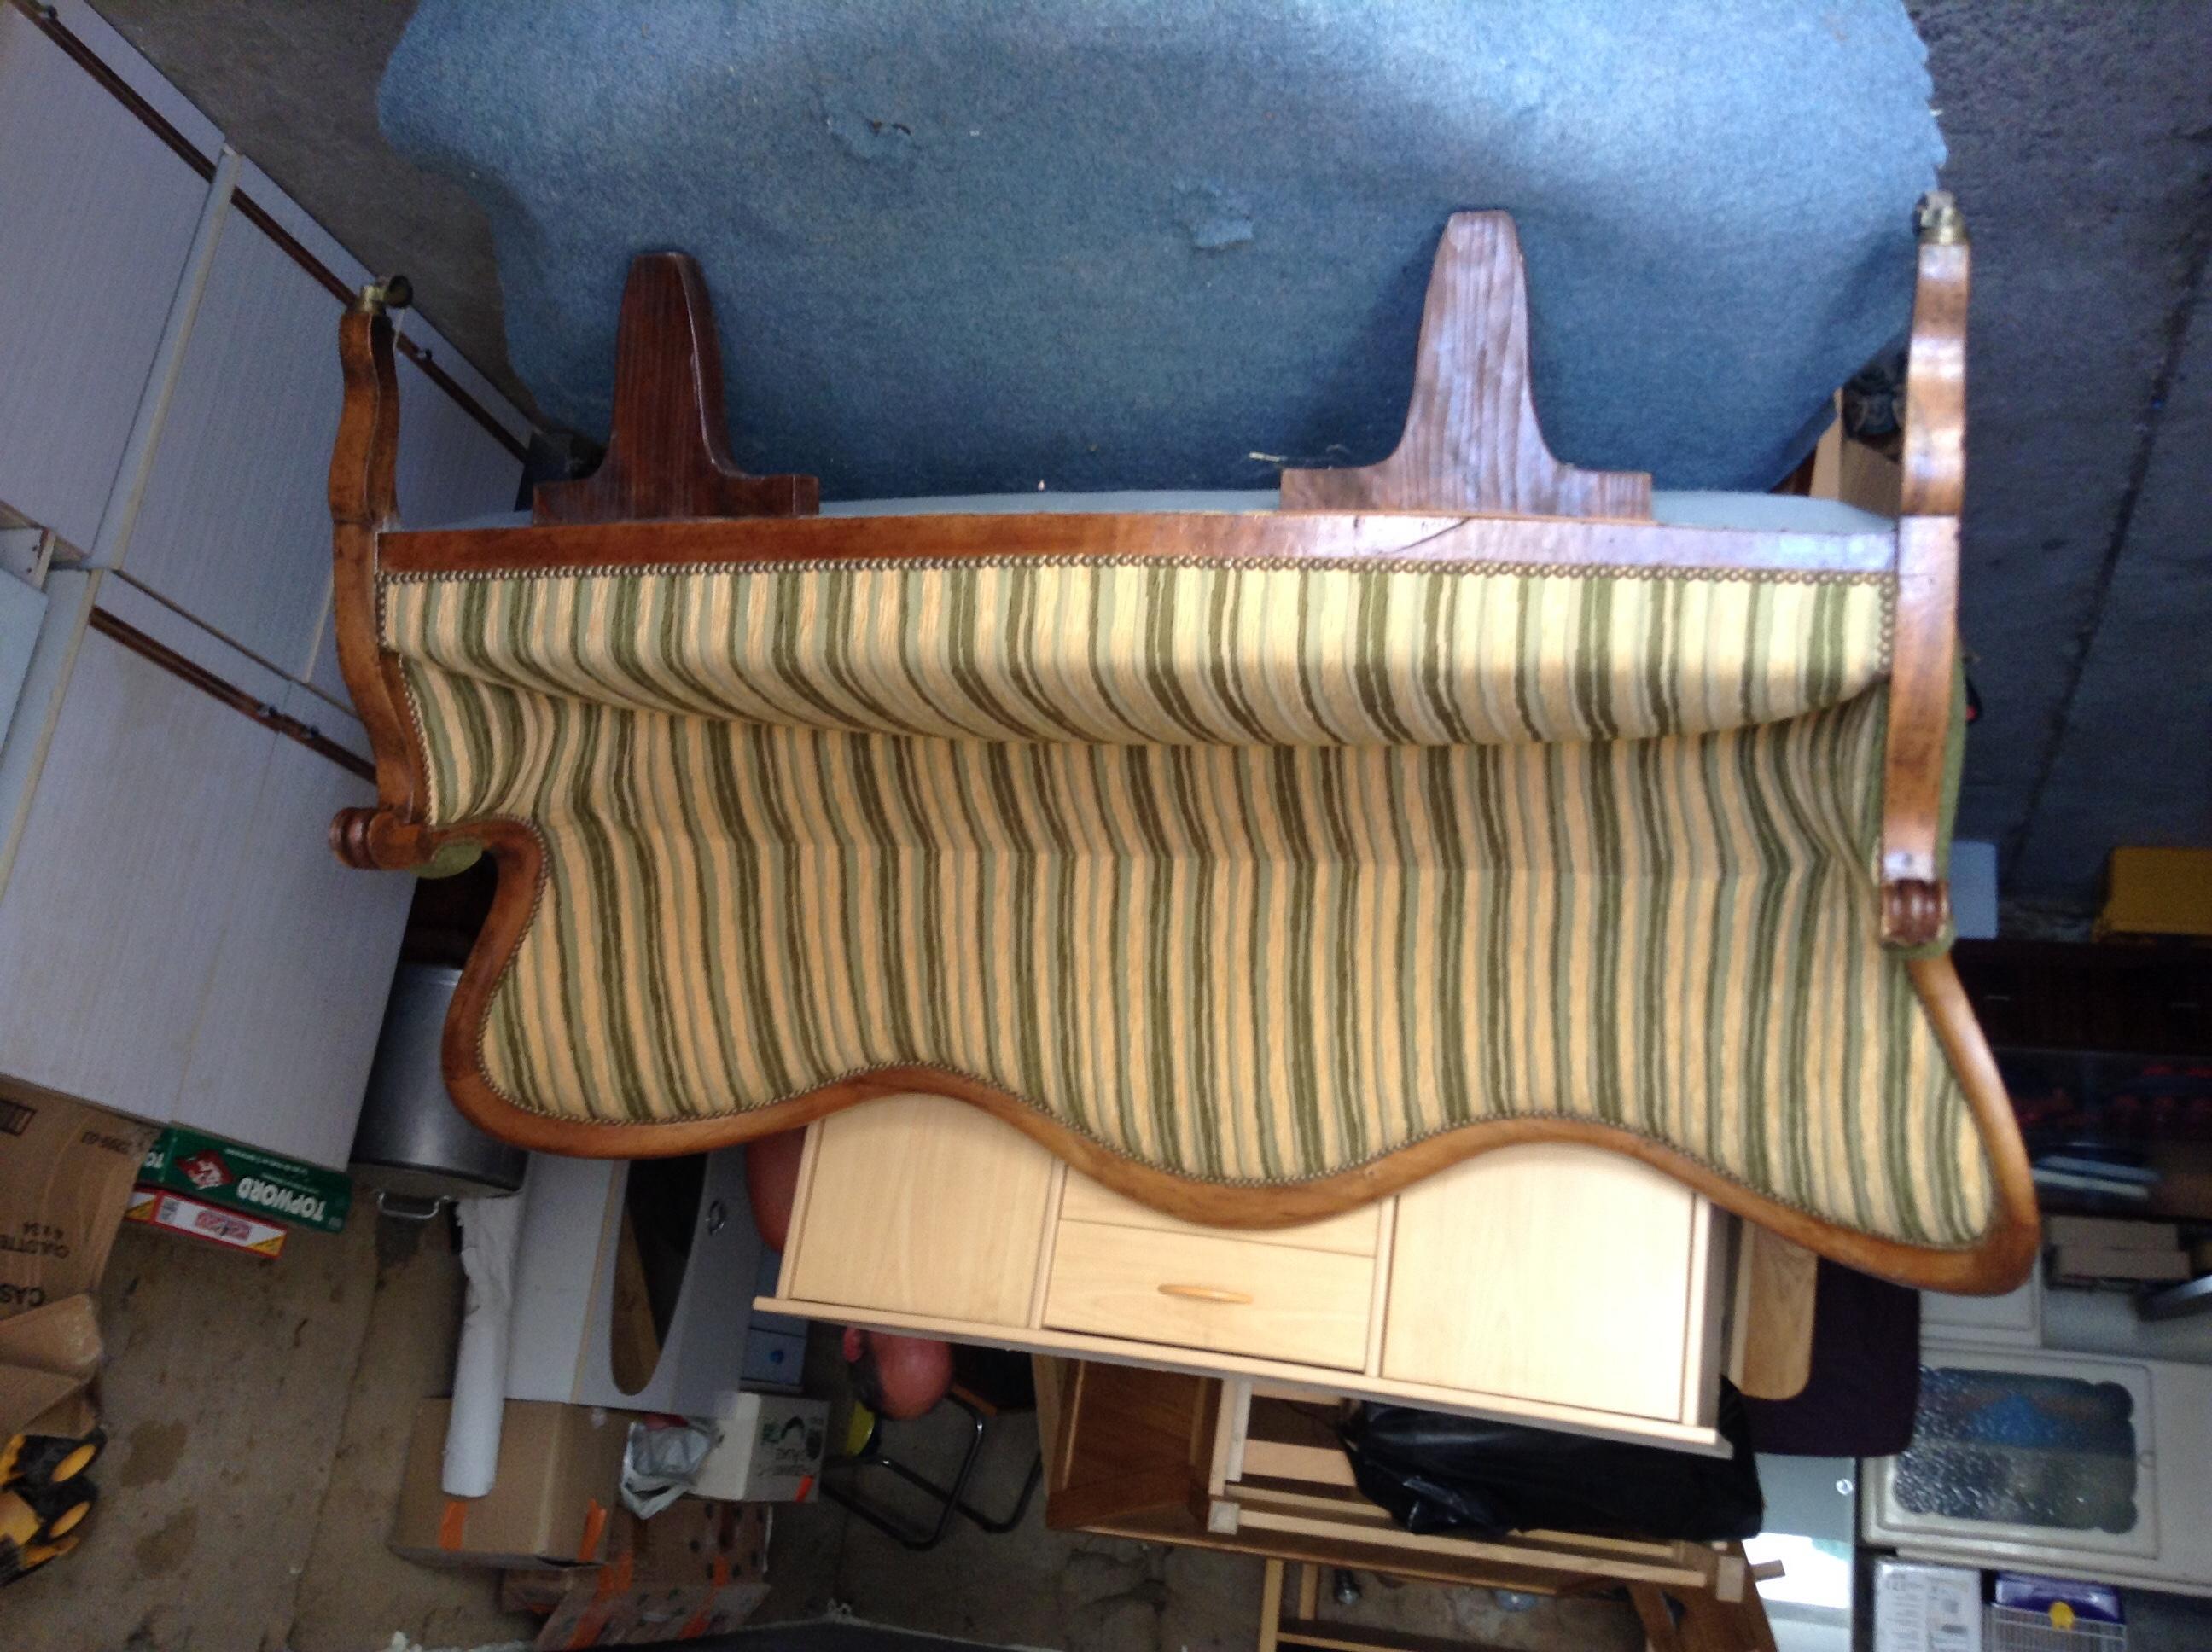 canap s occasion belley 01 annonces achat et vente de canap s paruvendu mondebarras page 2. Black Bedroom Furniture Sets. Home Design Ideas